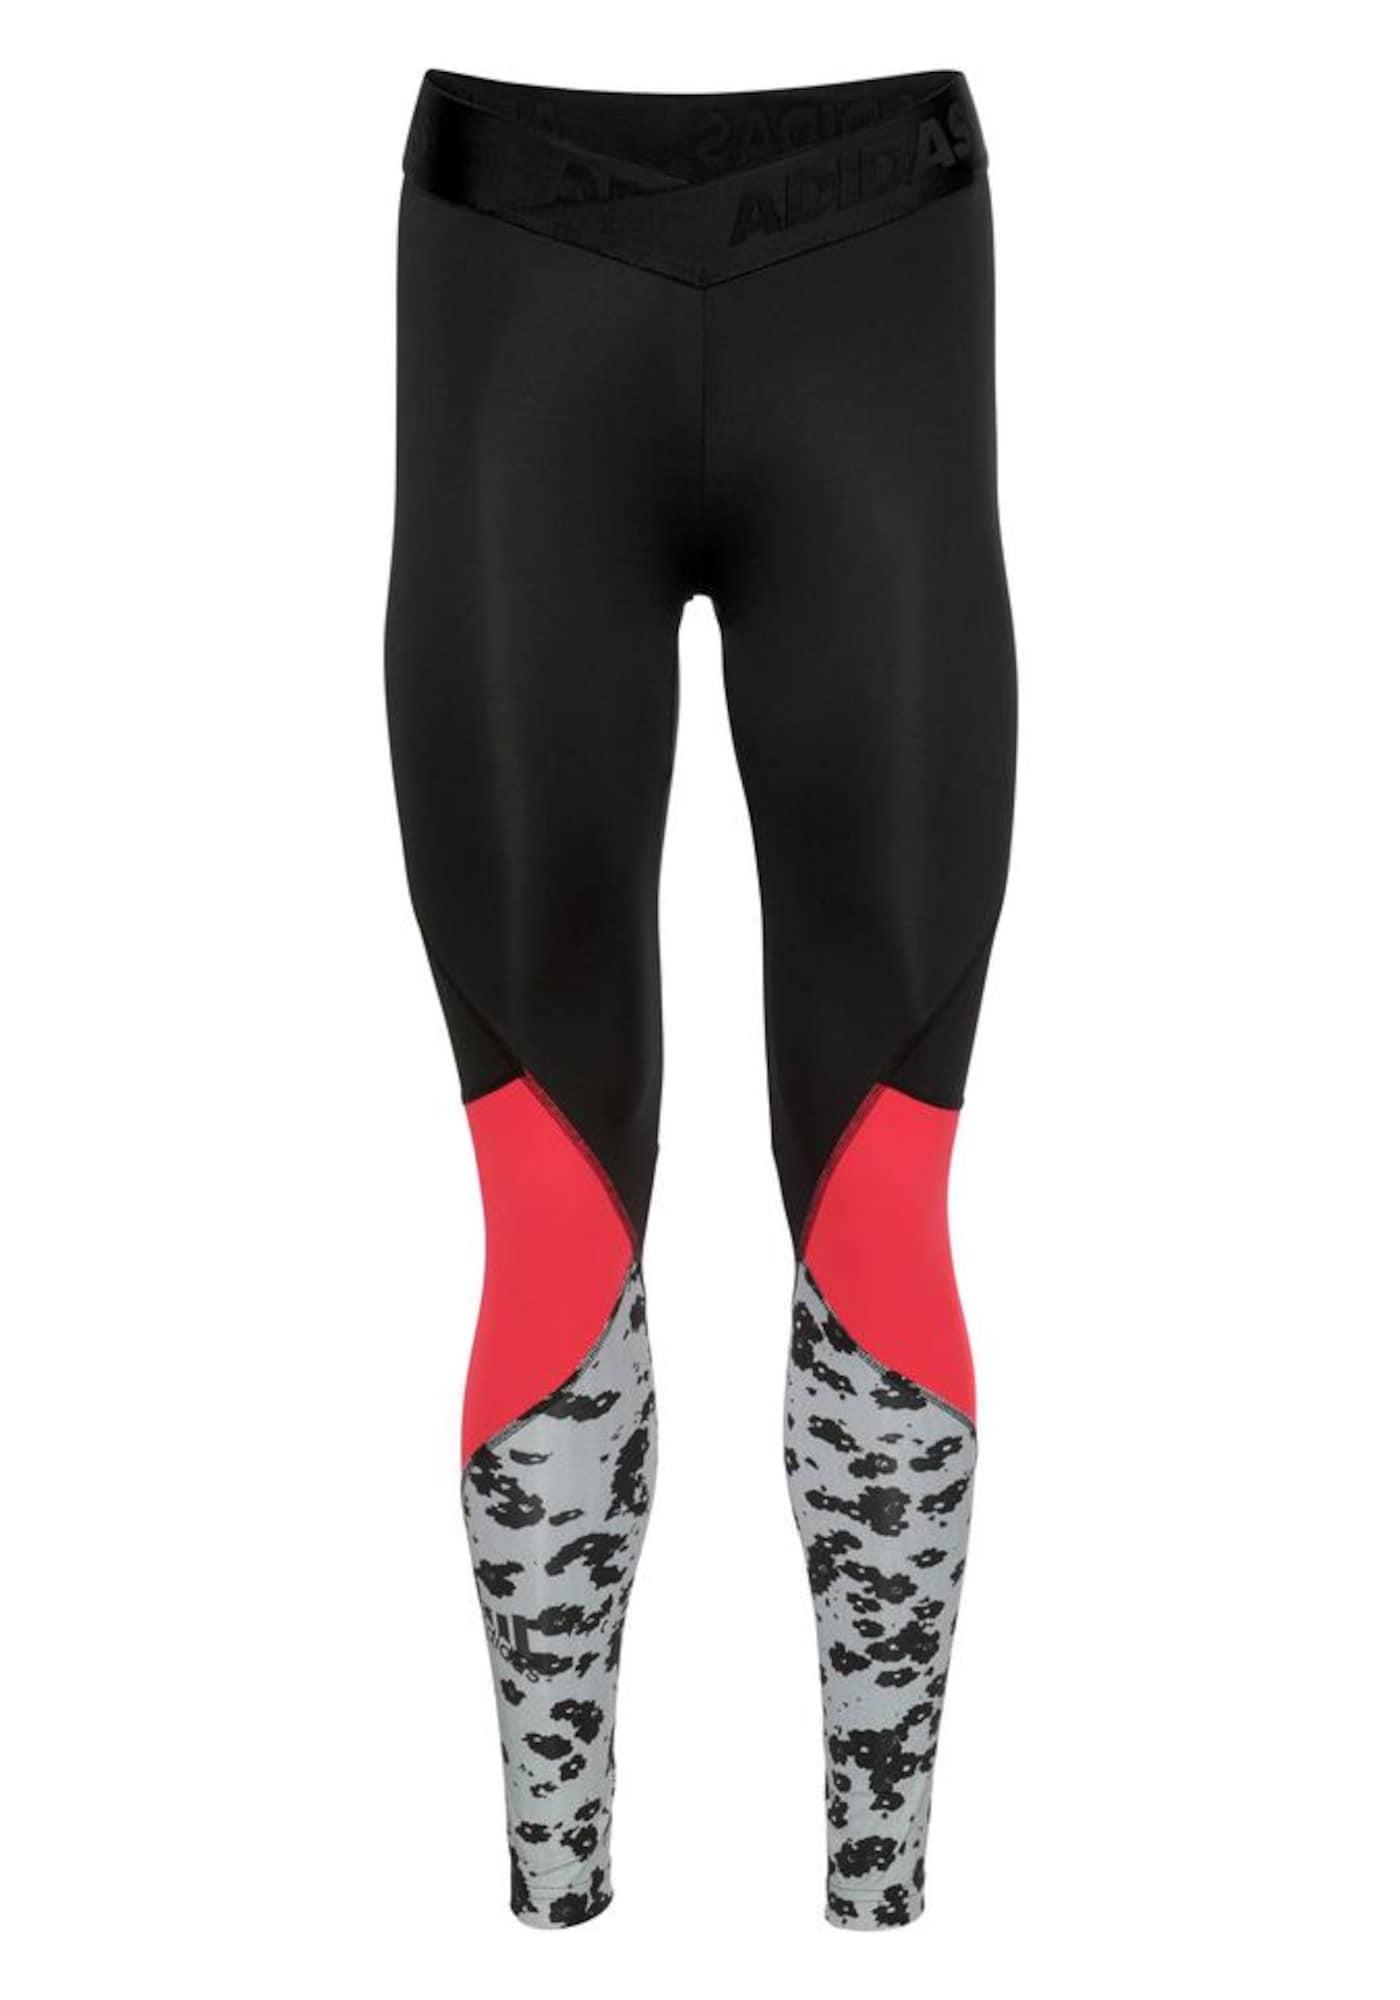 Sportovní kalhoty Alphaskin Sport Iteration světle červená černá bílá ADIDAS PERFORMANCE